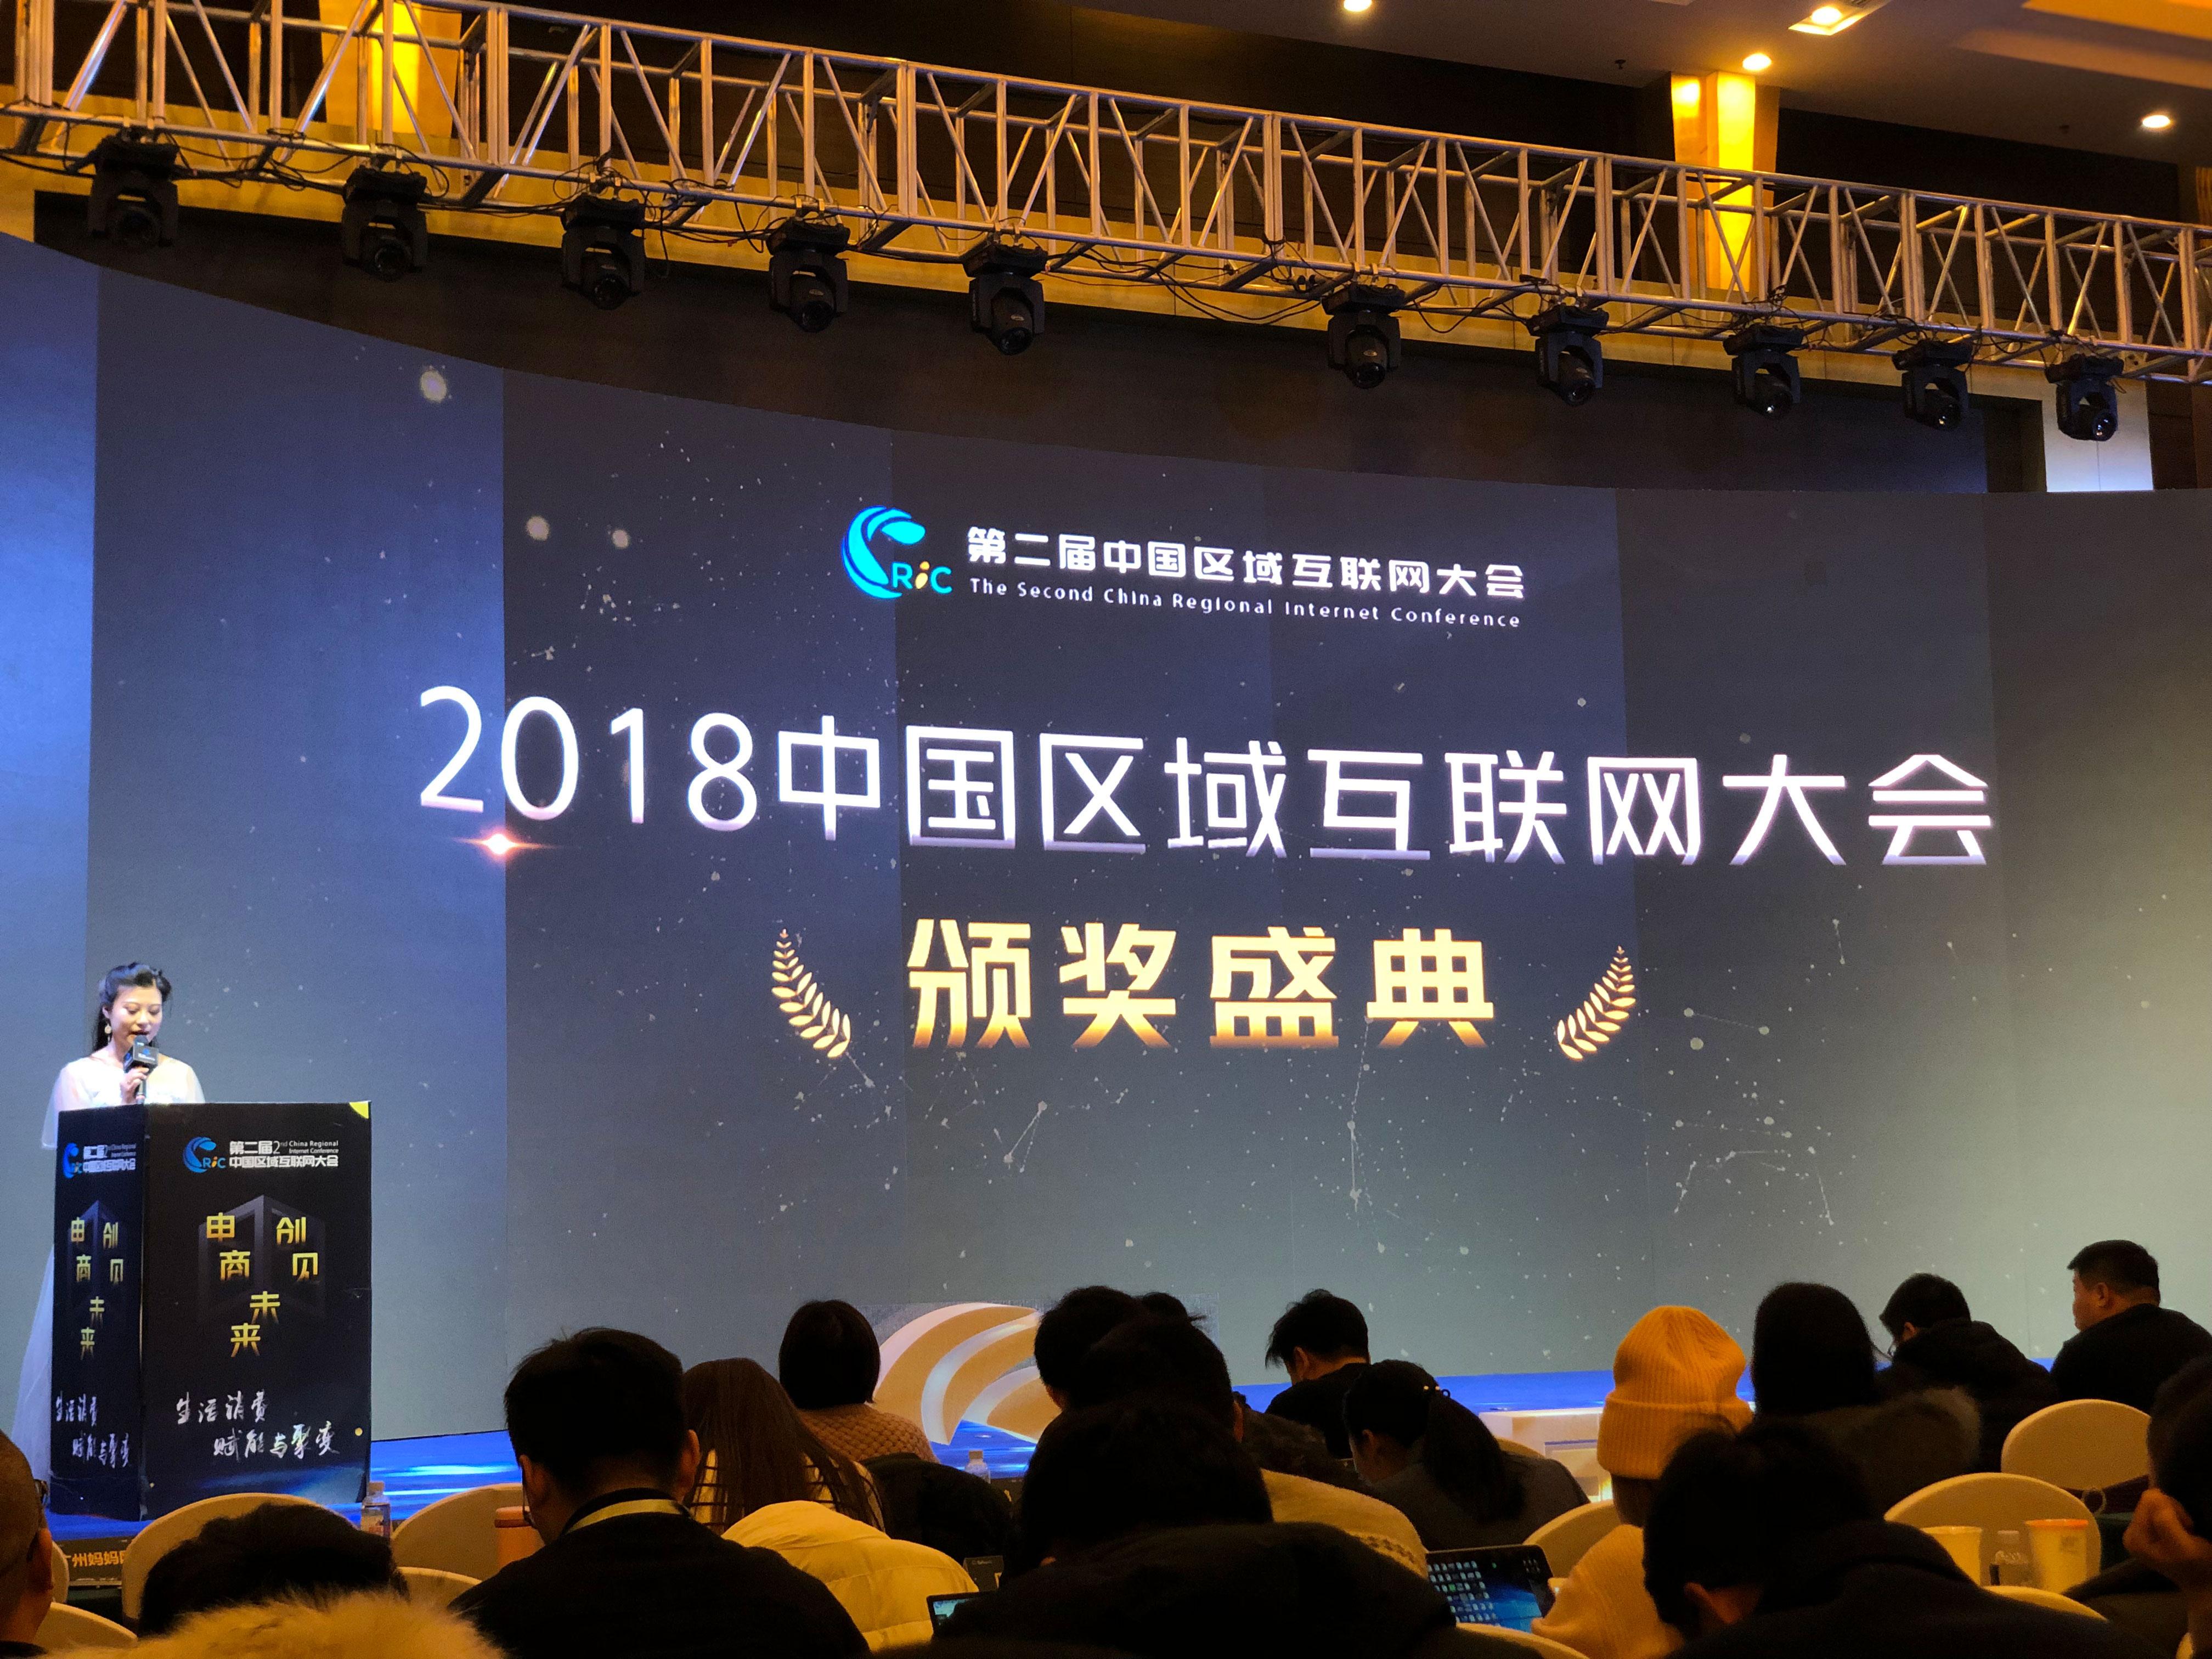 【喜报】搅沫沫网荣获2018中国区域互联网行业新锐奖